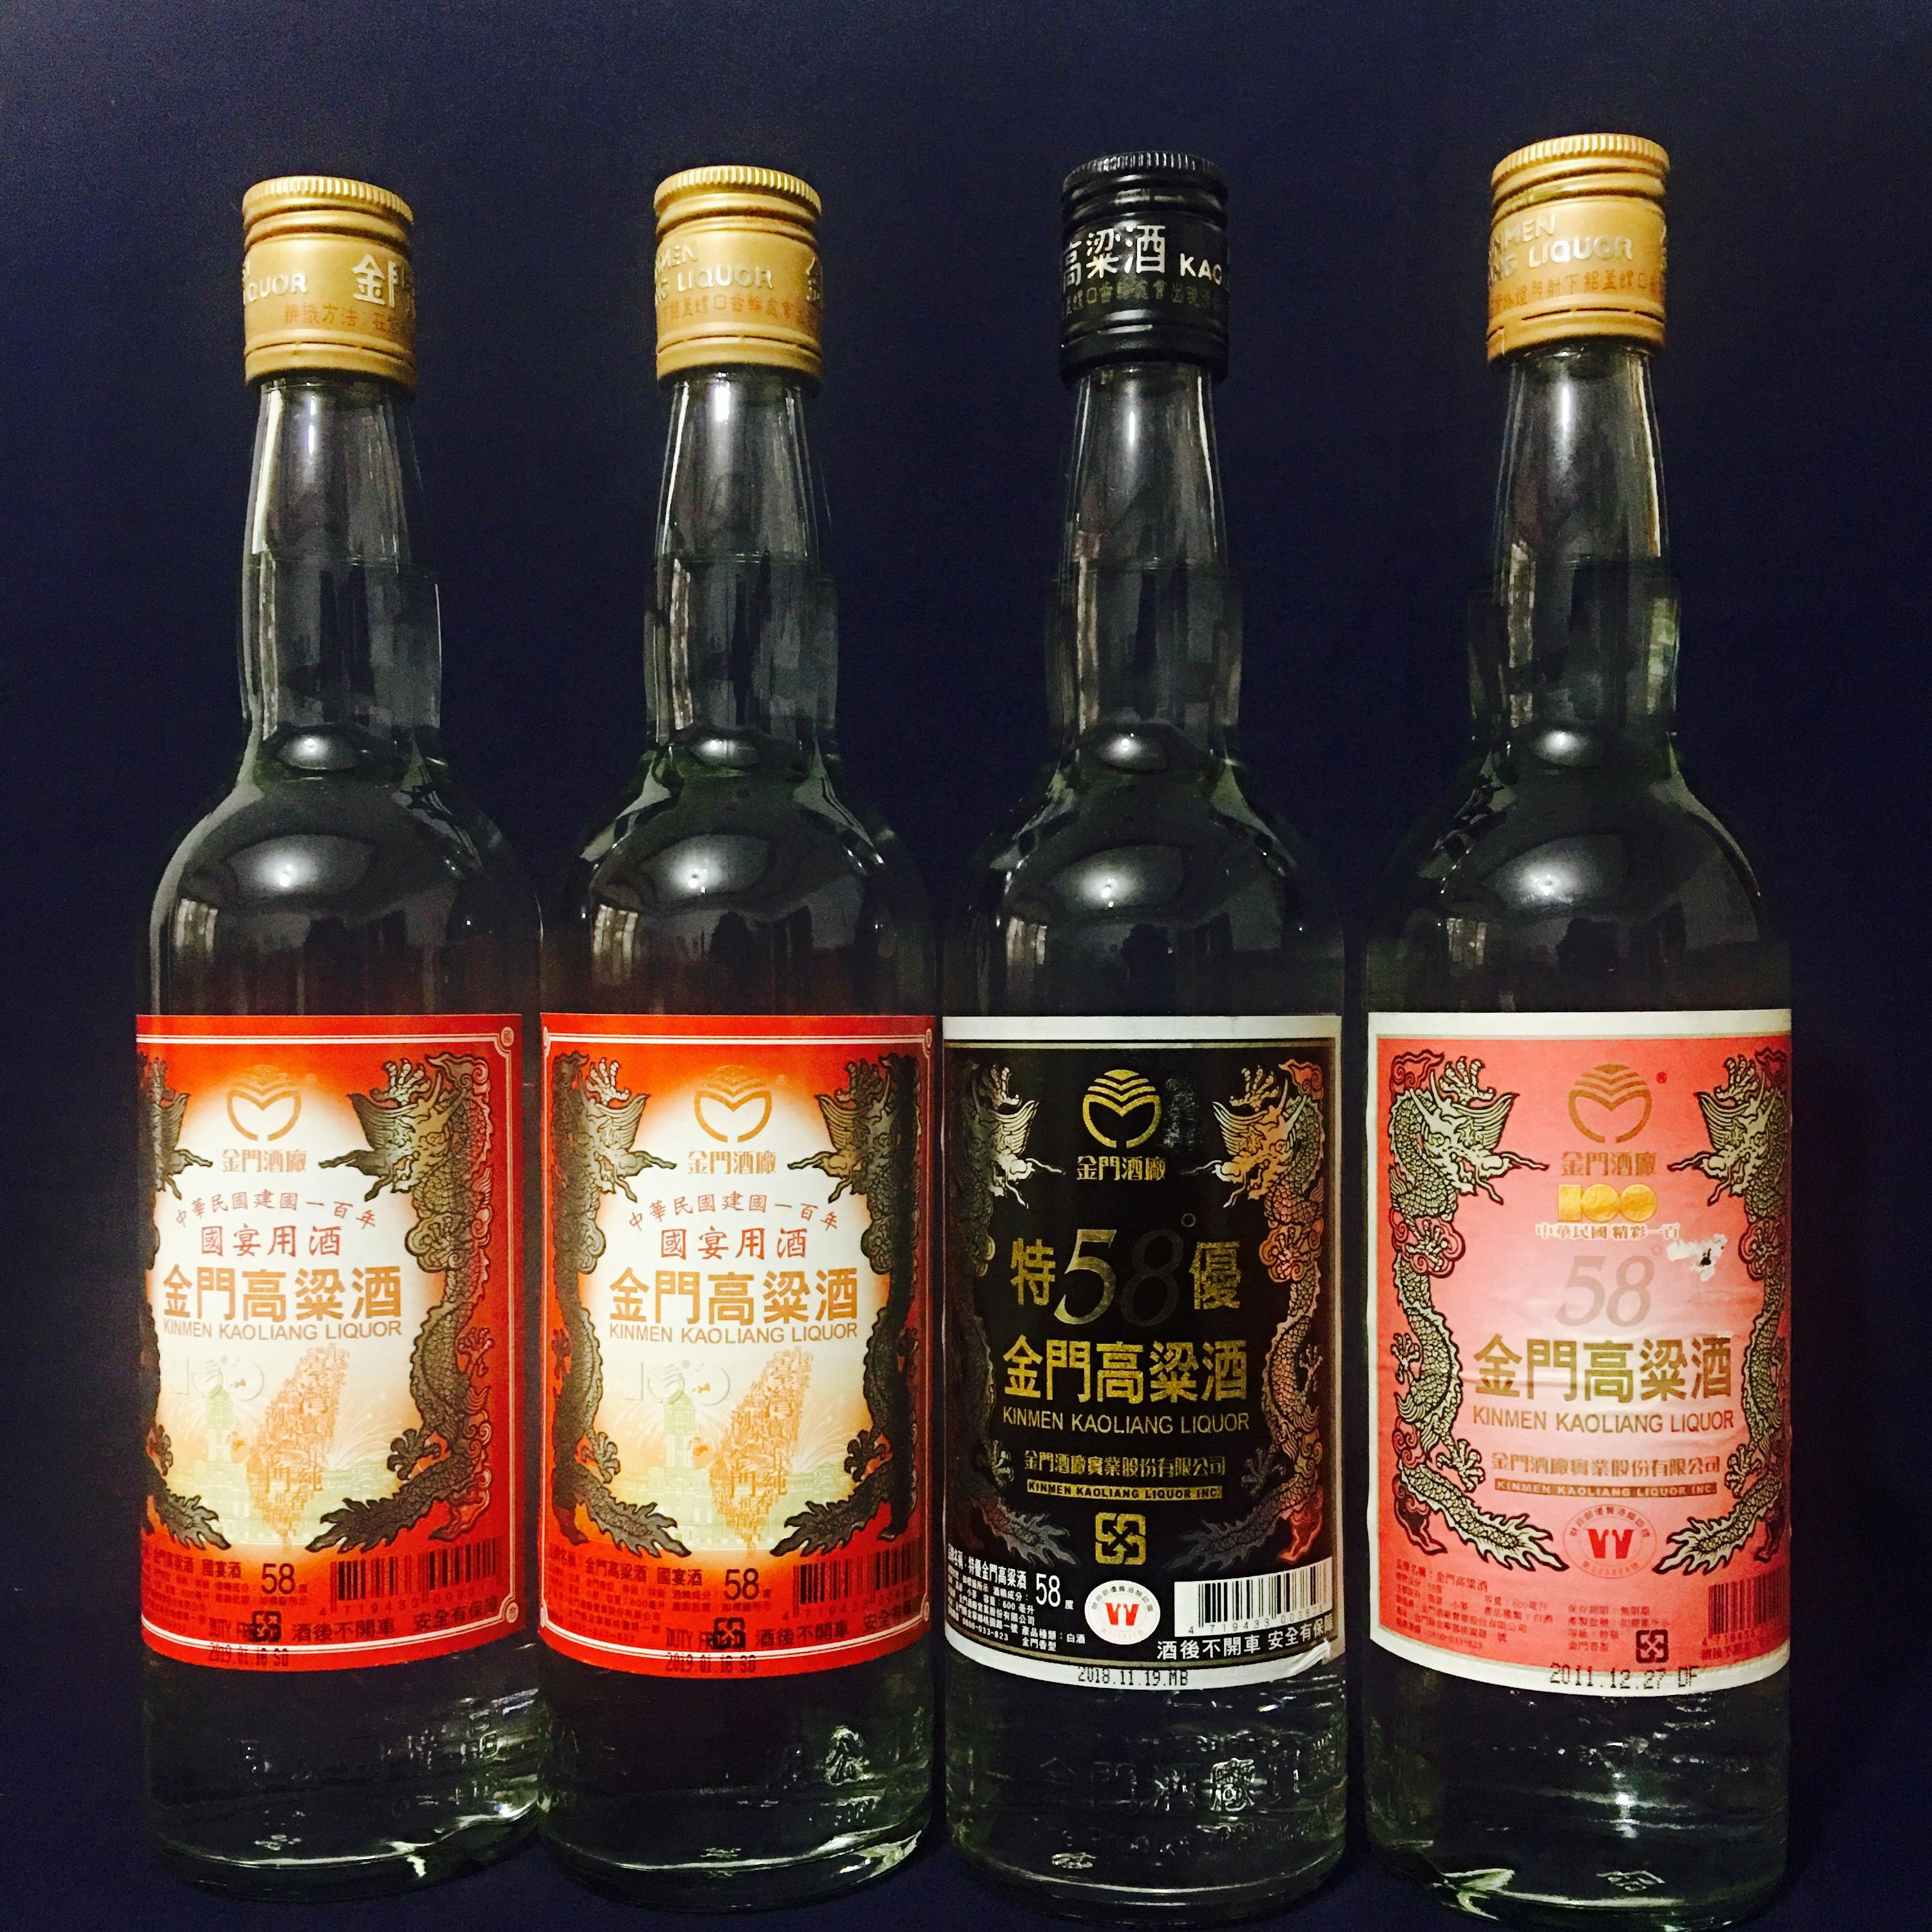 怎样正确的人肉带回一瓶中国台湾金门高粱酒